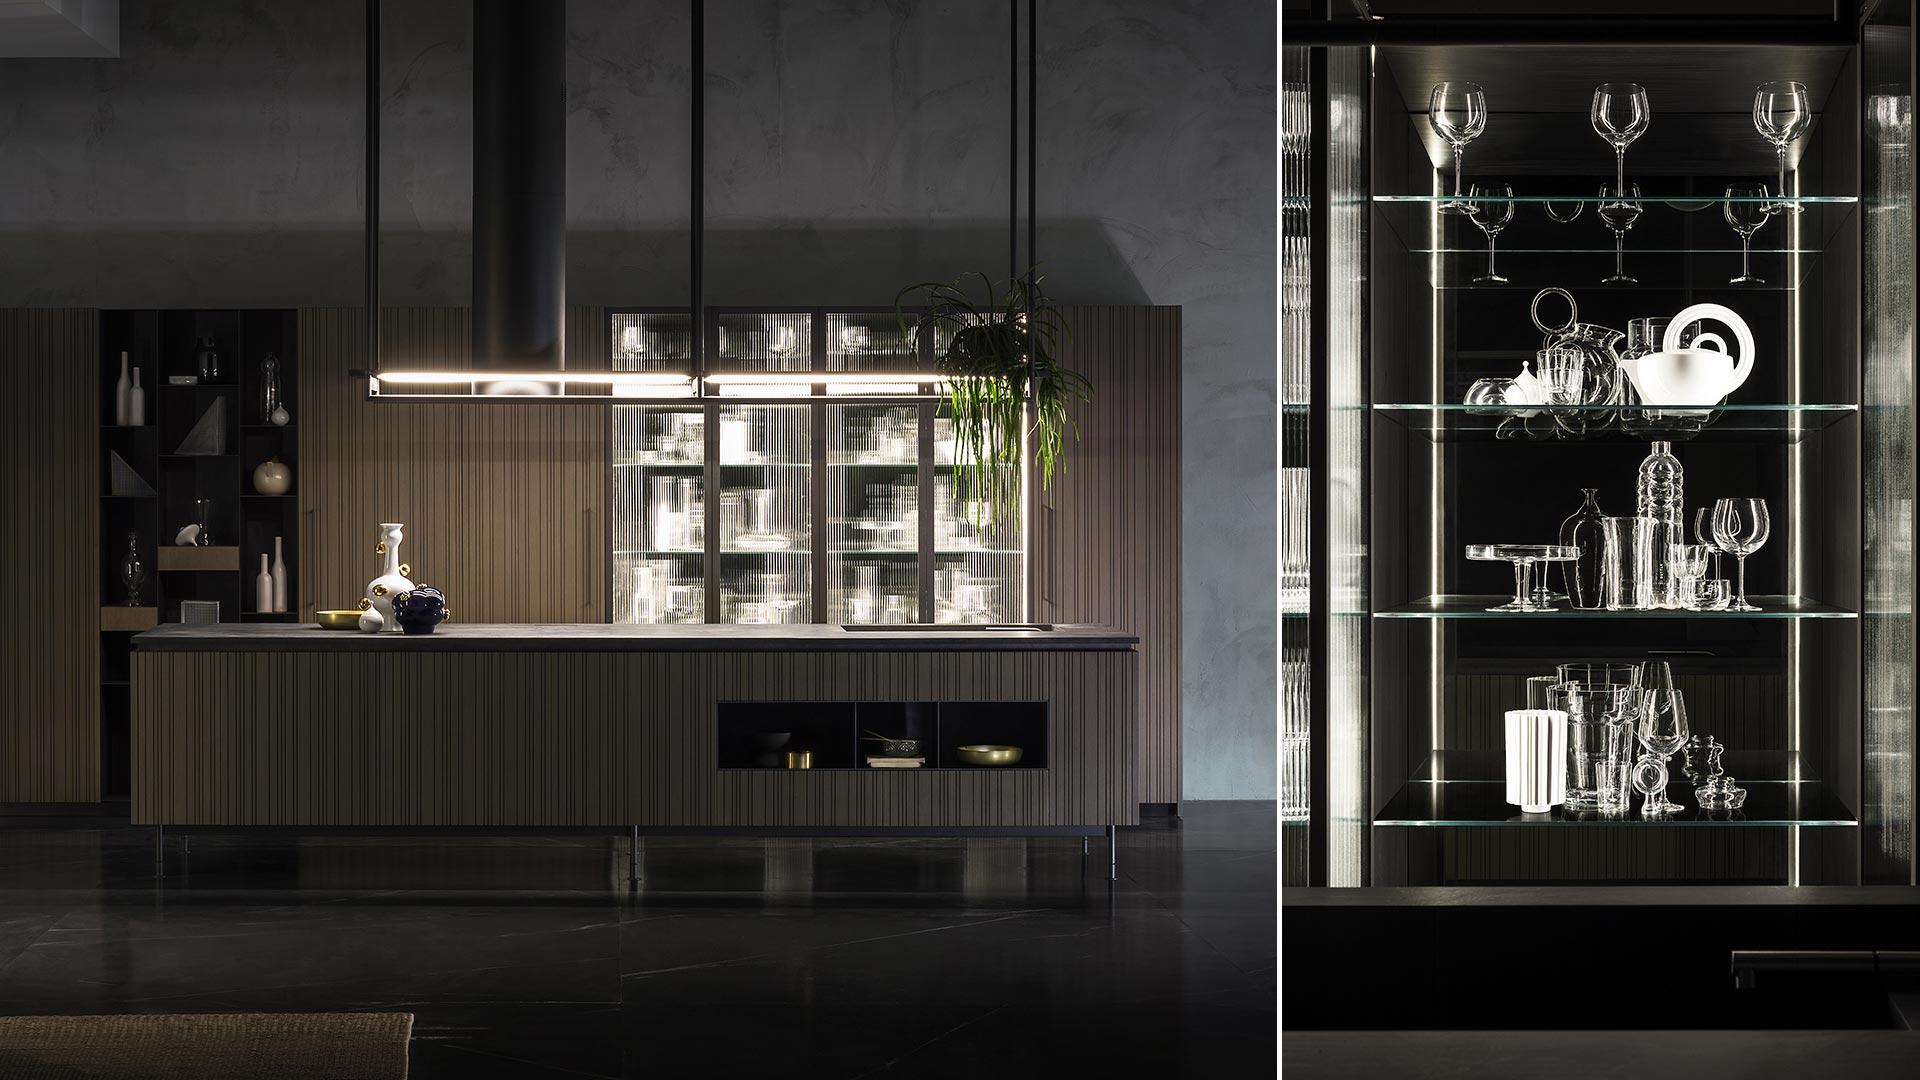 Cucina con isola e cucina il legno collezione RUA - TM_MI2018_Rua_006B